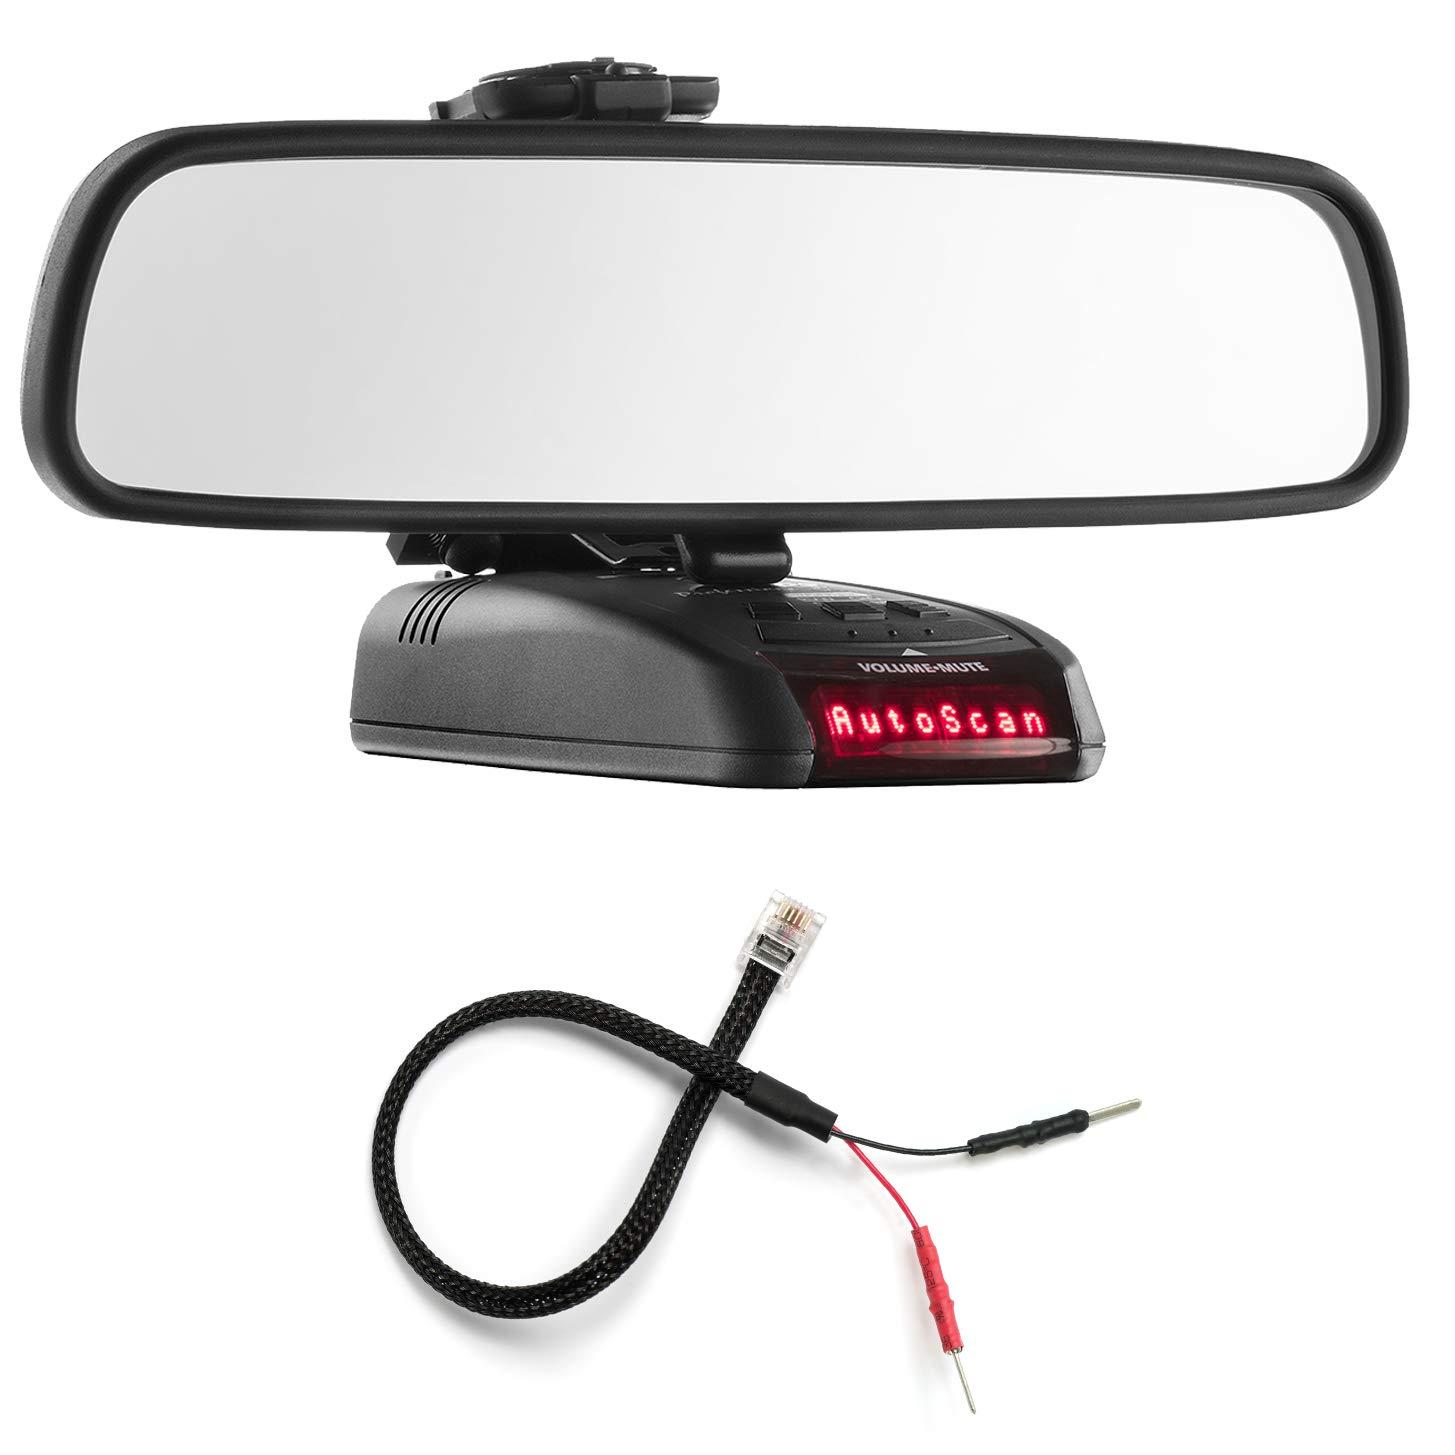 PerformancePackage espejo pantalla plana soporte de Radar Detector + Espejo Cable de alambre - Beltronics RX STI GX65: Amazon.es: Electrónica